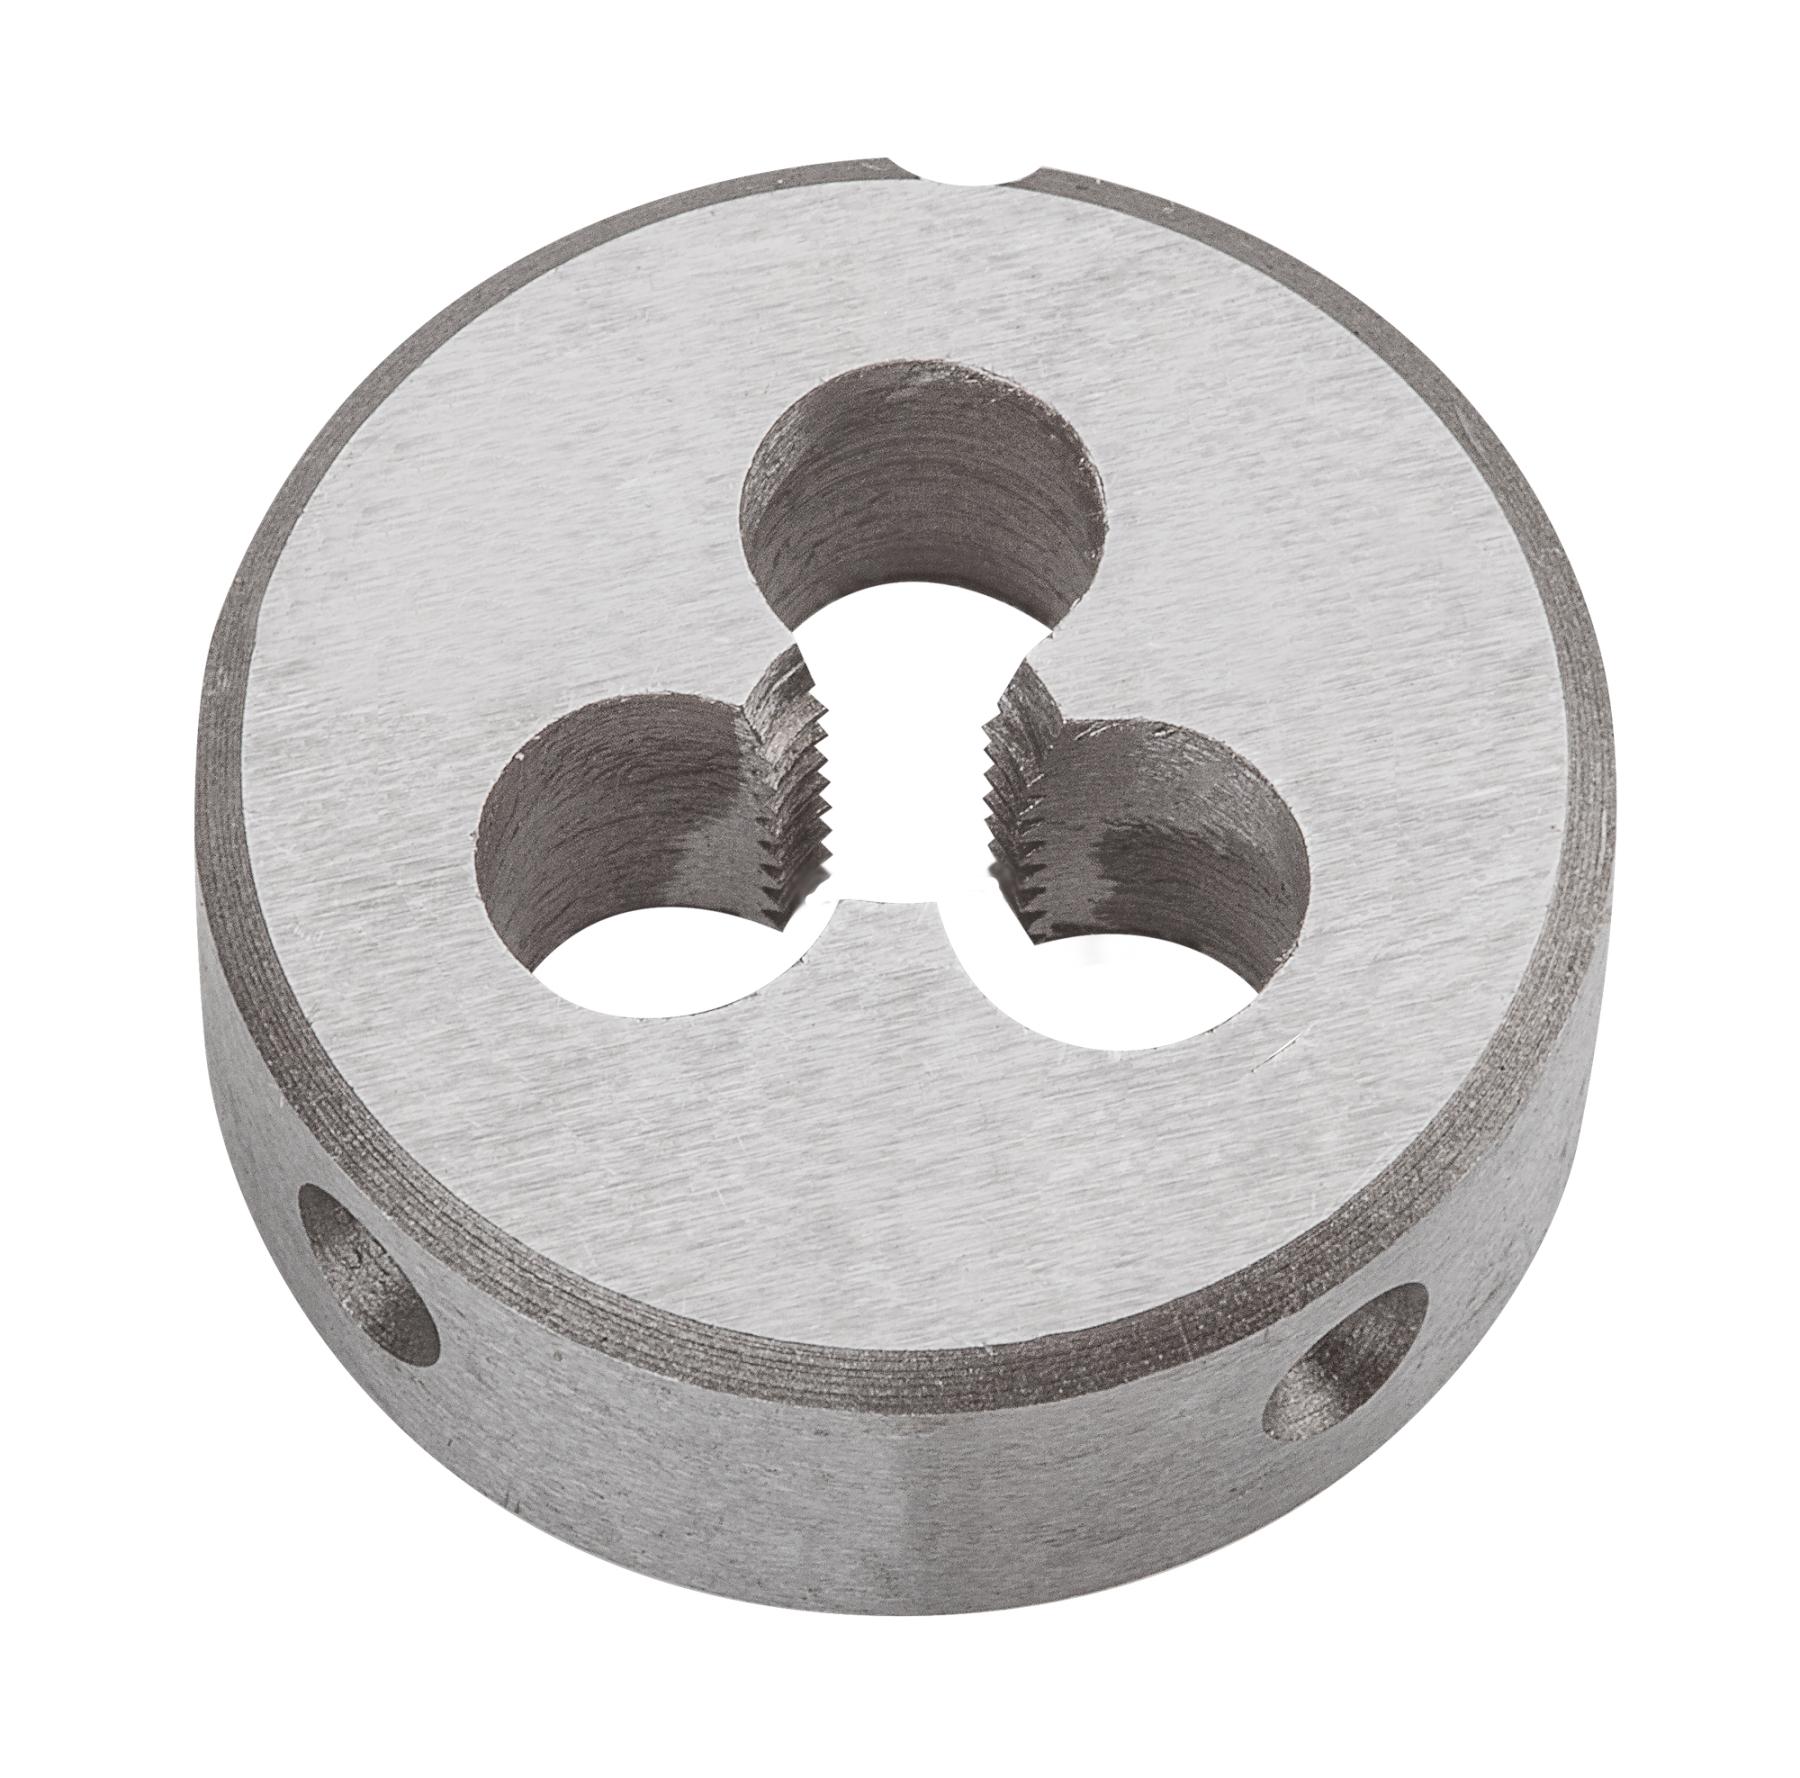 Плашка вольфрамовая Topex, М4, 25 х 9 мм08-231Плашки вольфрамовые Торех используются для нарезания метрической резьбы. Характеристики: Материал: металл. Шаг резьбы: М4. Размеры плашки: 2,5 см х 0,9 см. Размеры упаковки:9 см х 5 см х 1,5 см.